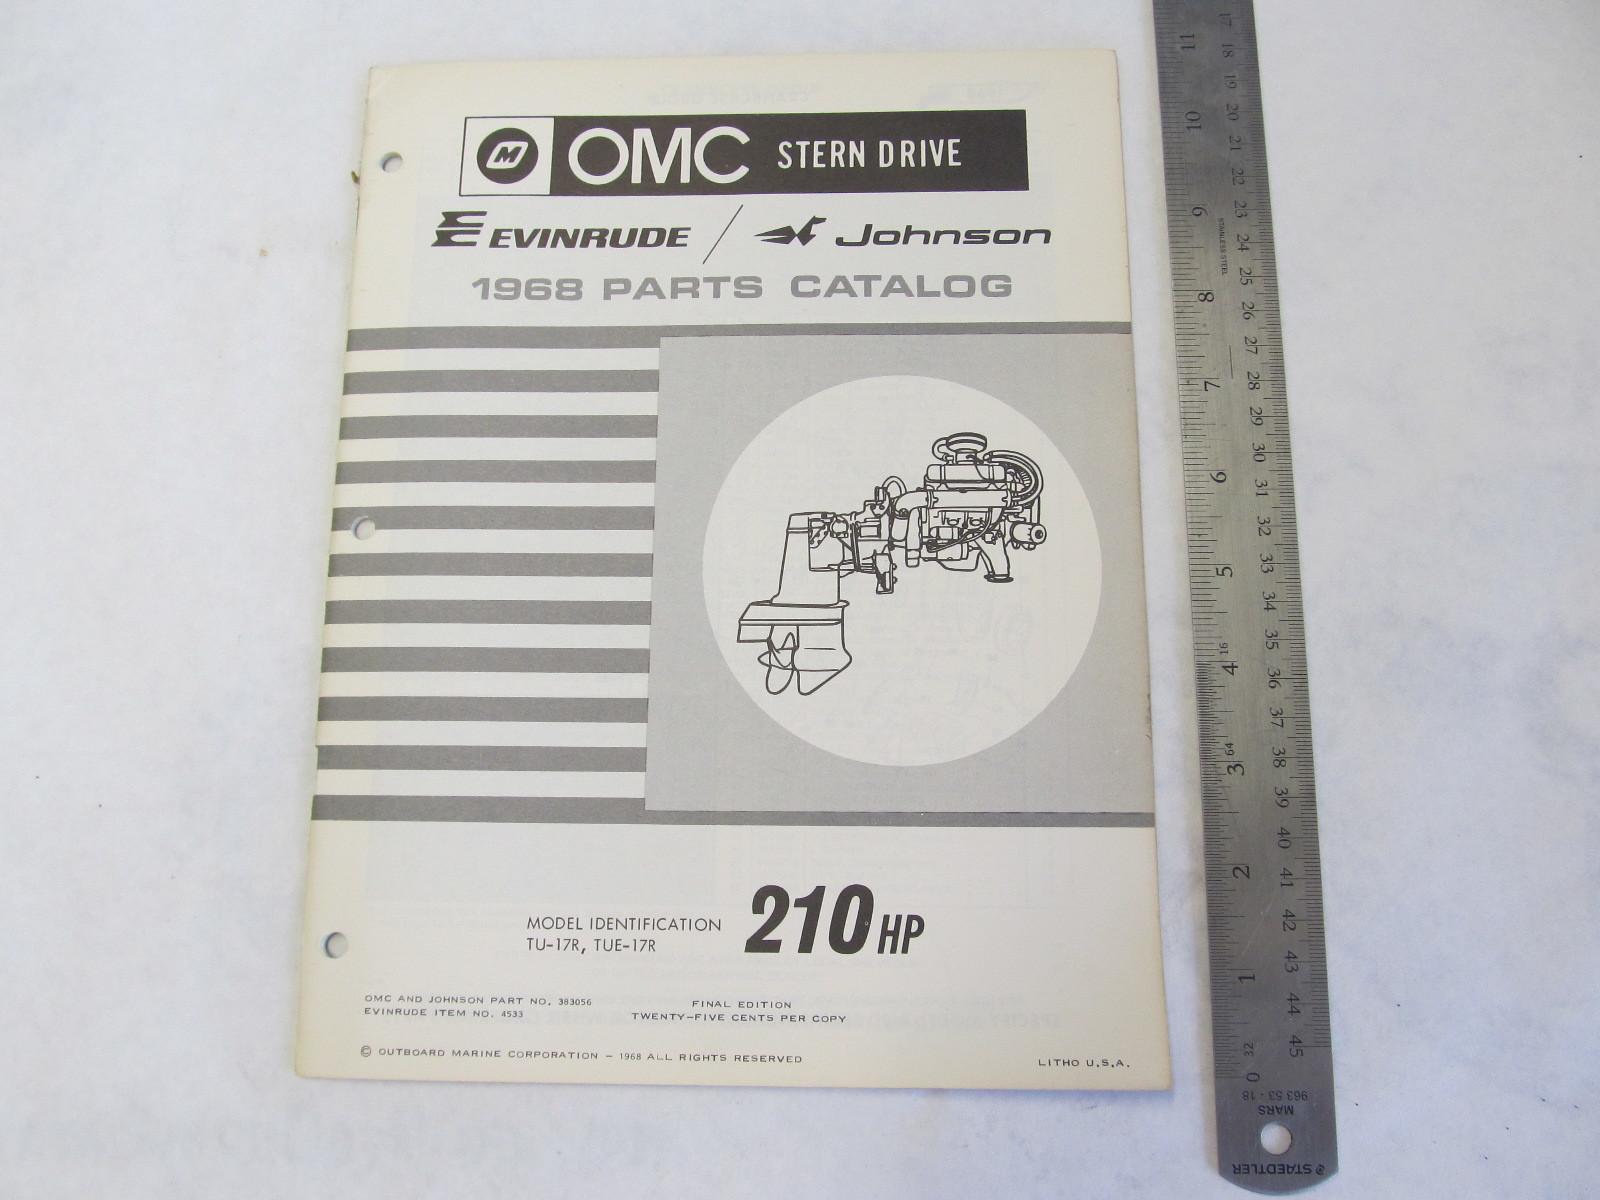 1968 OMC Stern Drive Parts Catalog 210 HP TU-17R TUE-17R